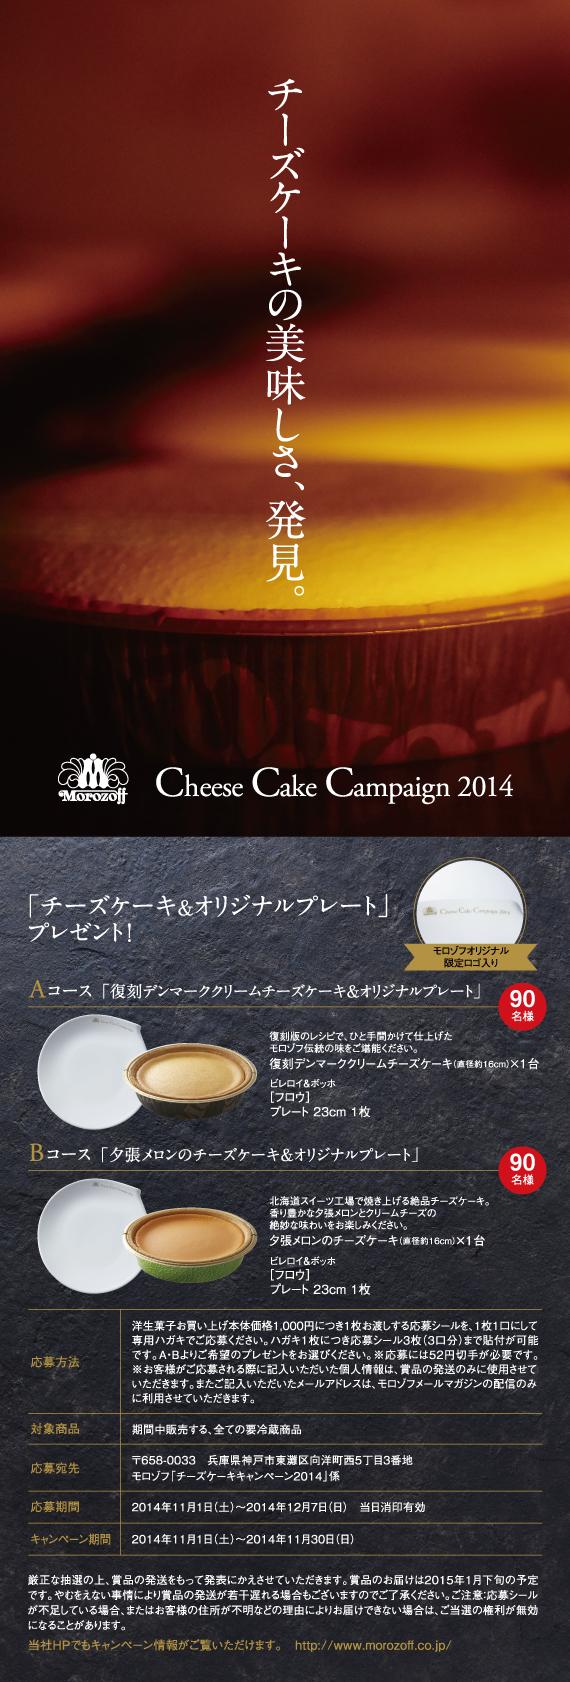 141024_チーズケーキキャンペーン_ティザー.jpg